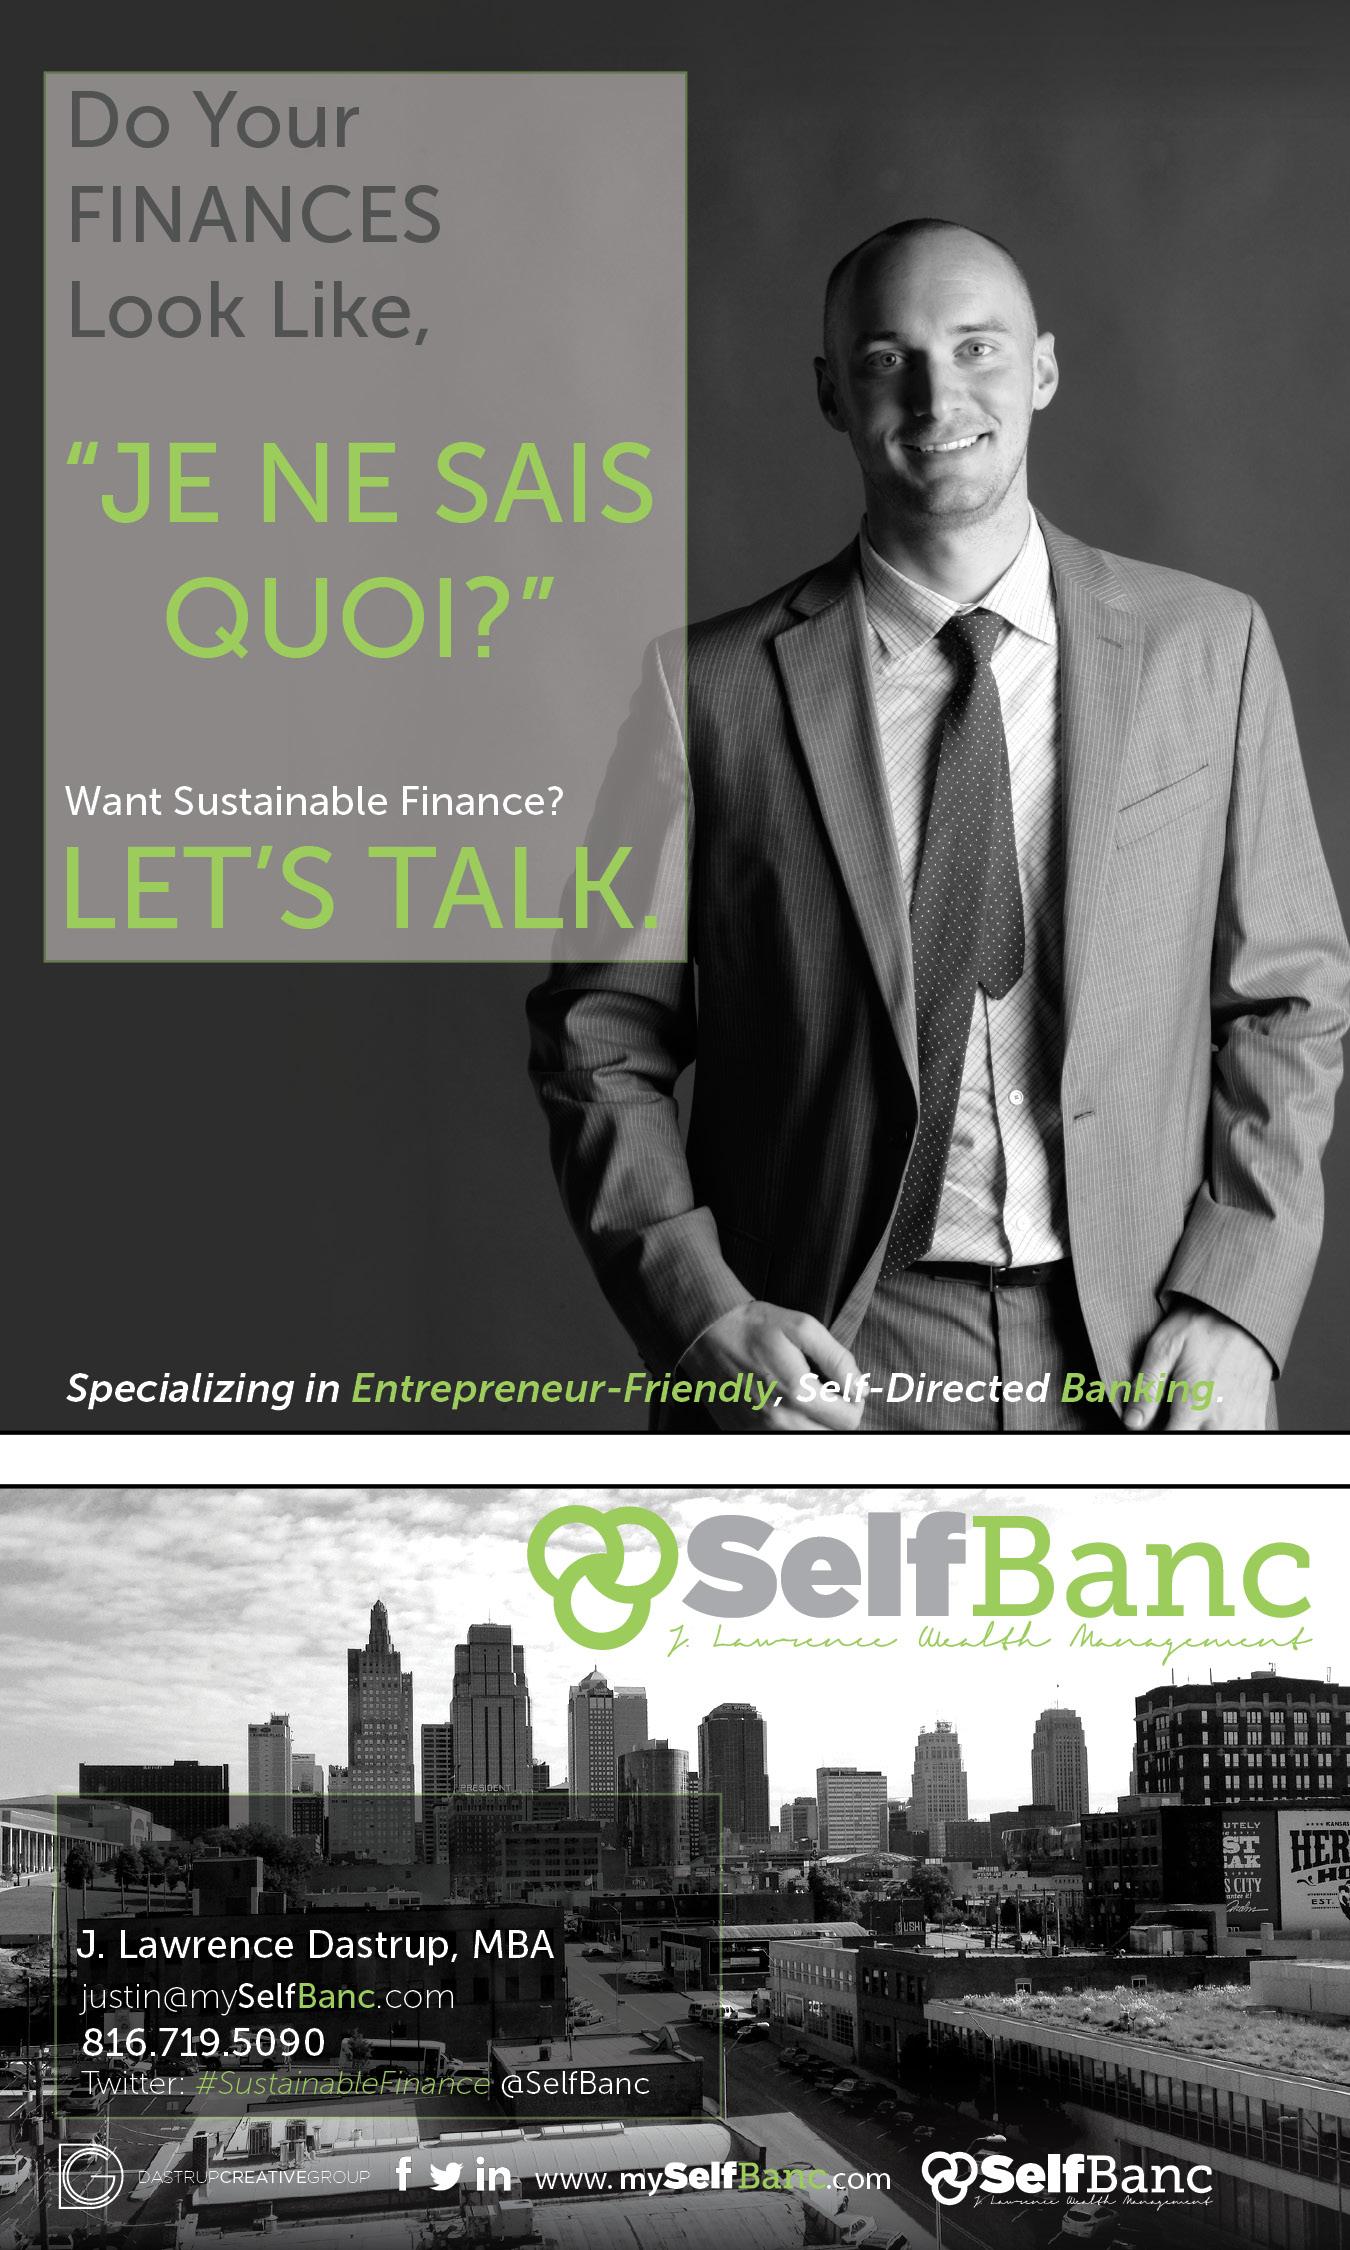 SelfBanc AL Print Ad.jpg